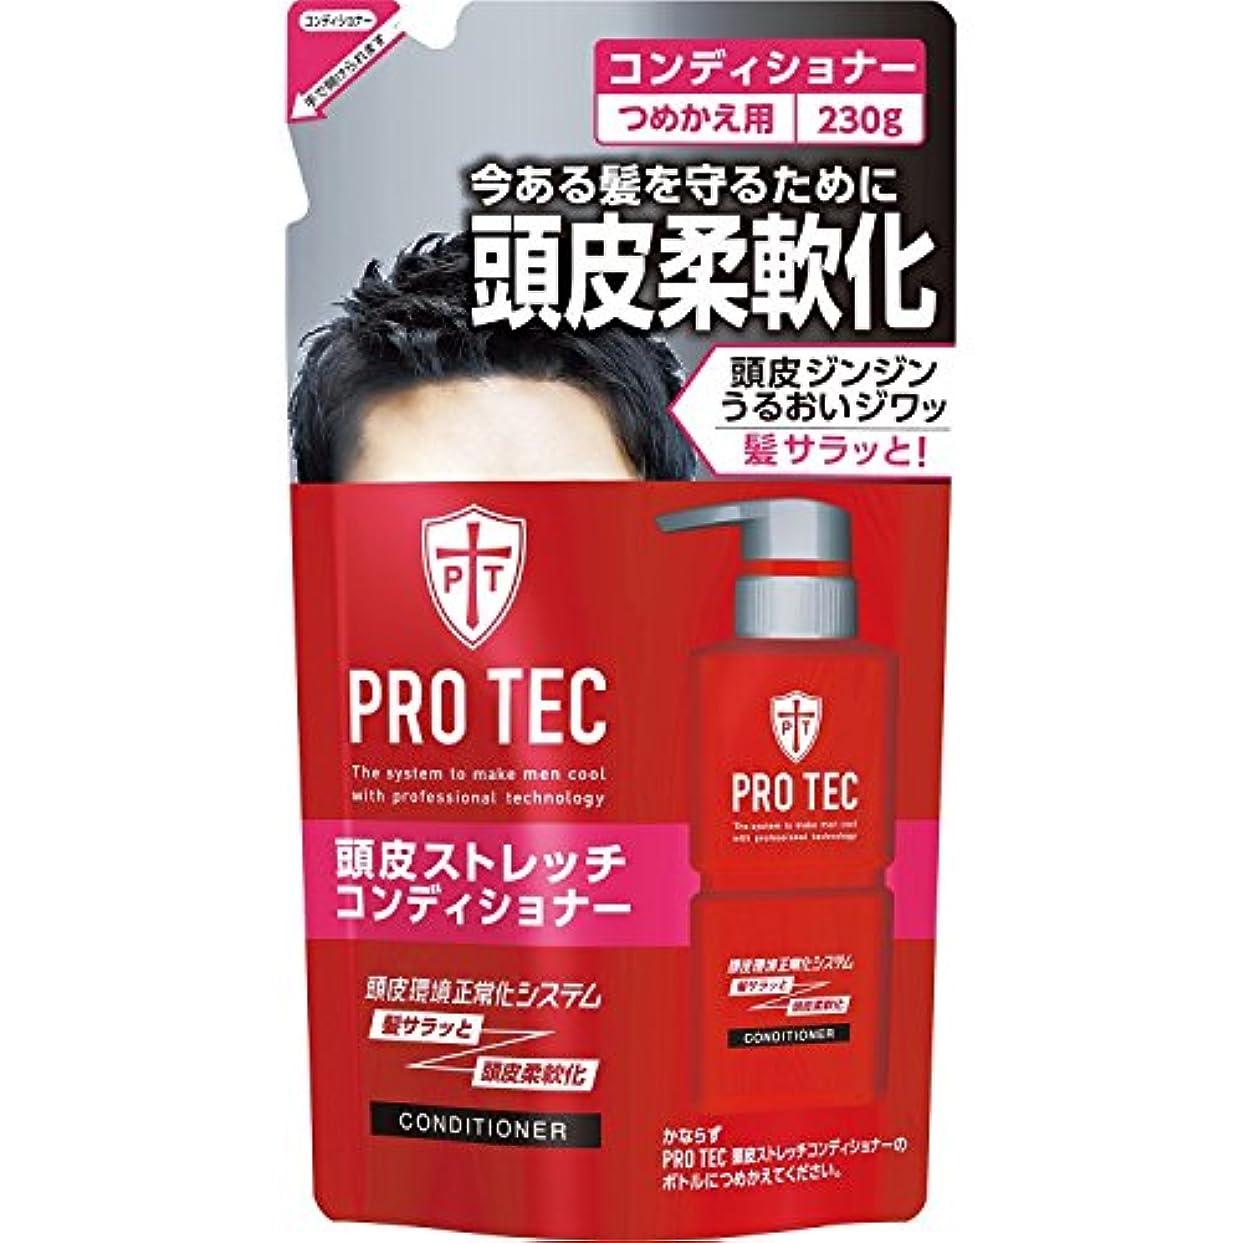 濃度代わって休日にPRO TEC(プロテク) 頭皮ストレッチ コンディショナー 詰め替え 230g